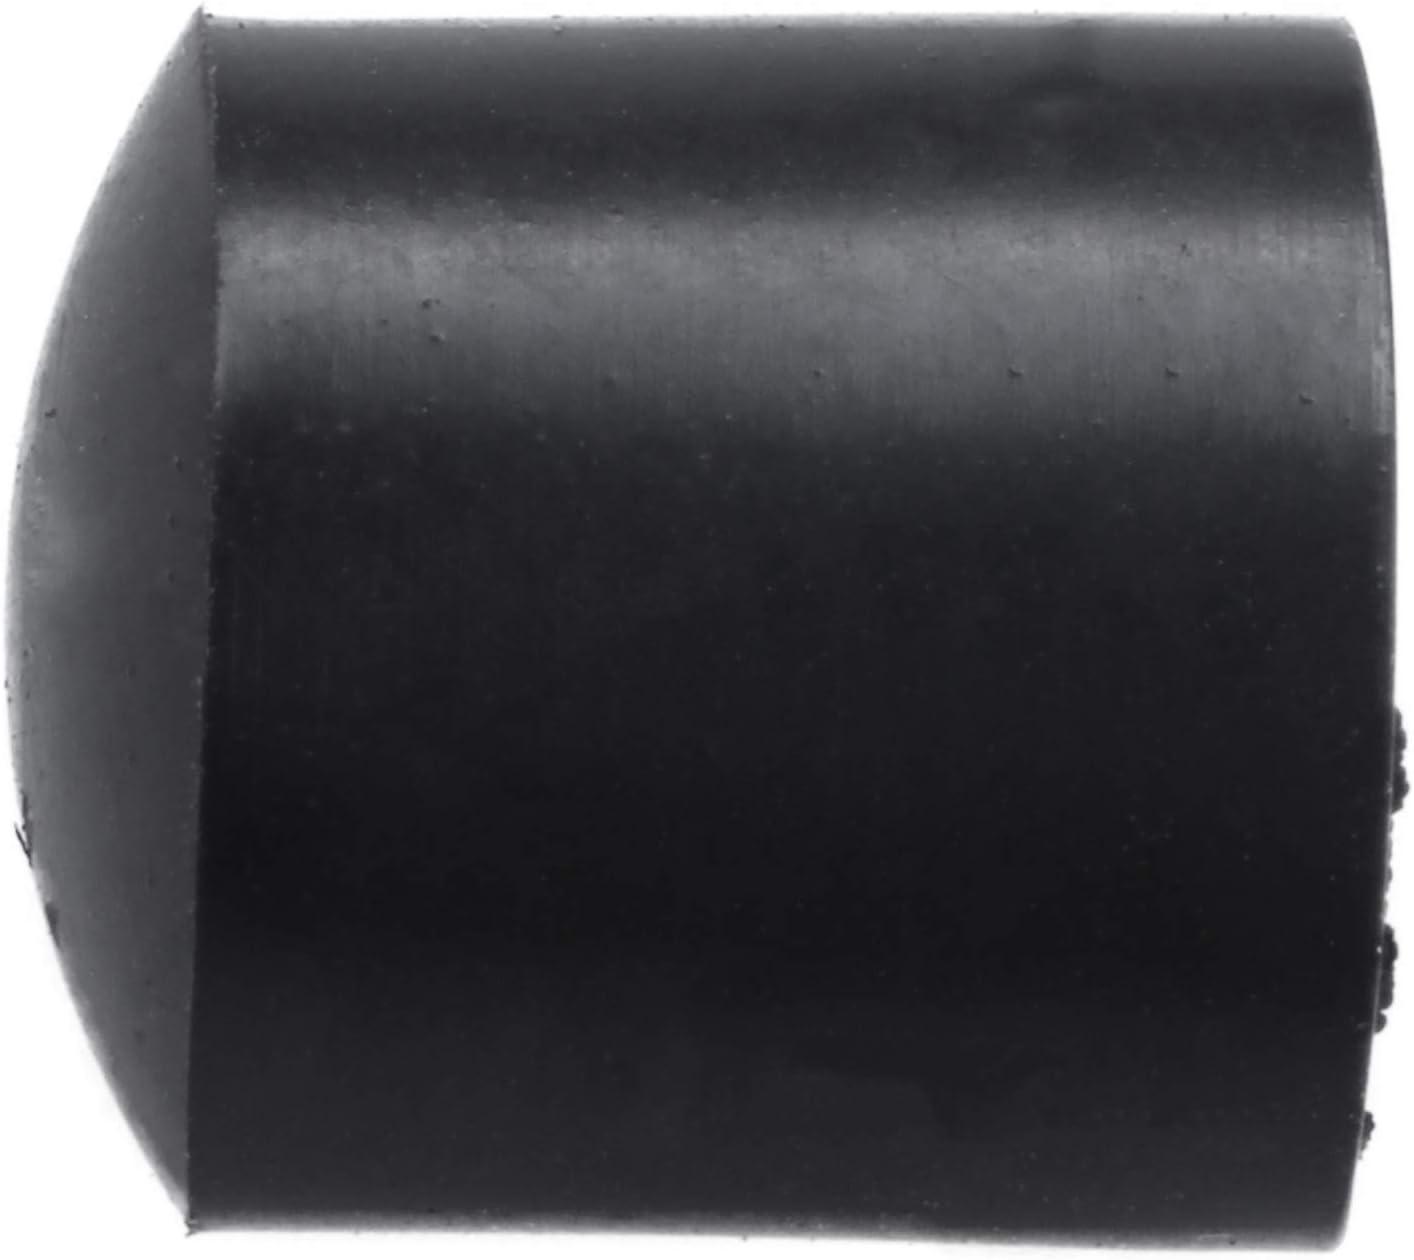 Suading Gummikappen 40-teilig schwarz Gummi Rohrenden 10mm rund